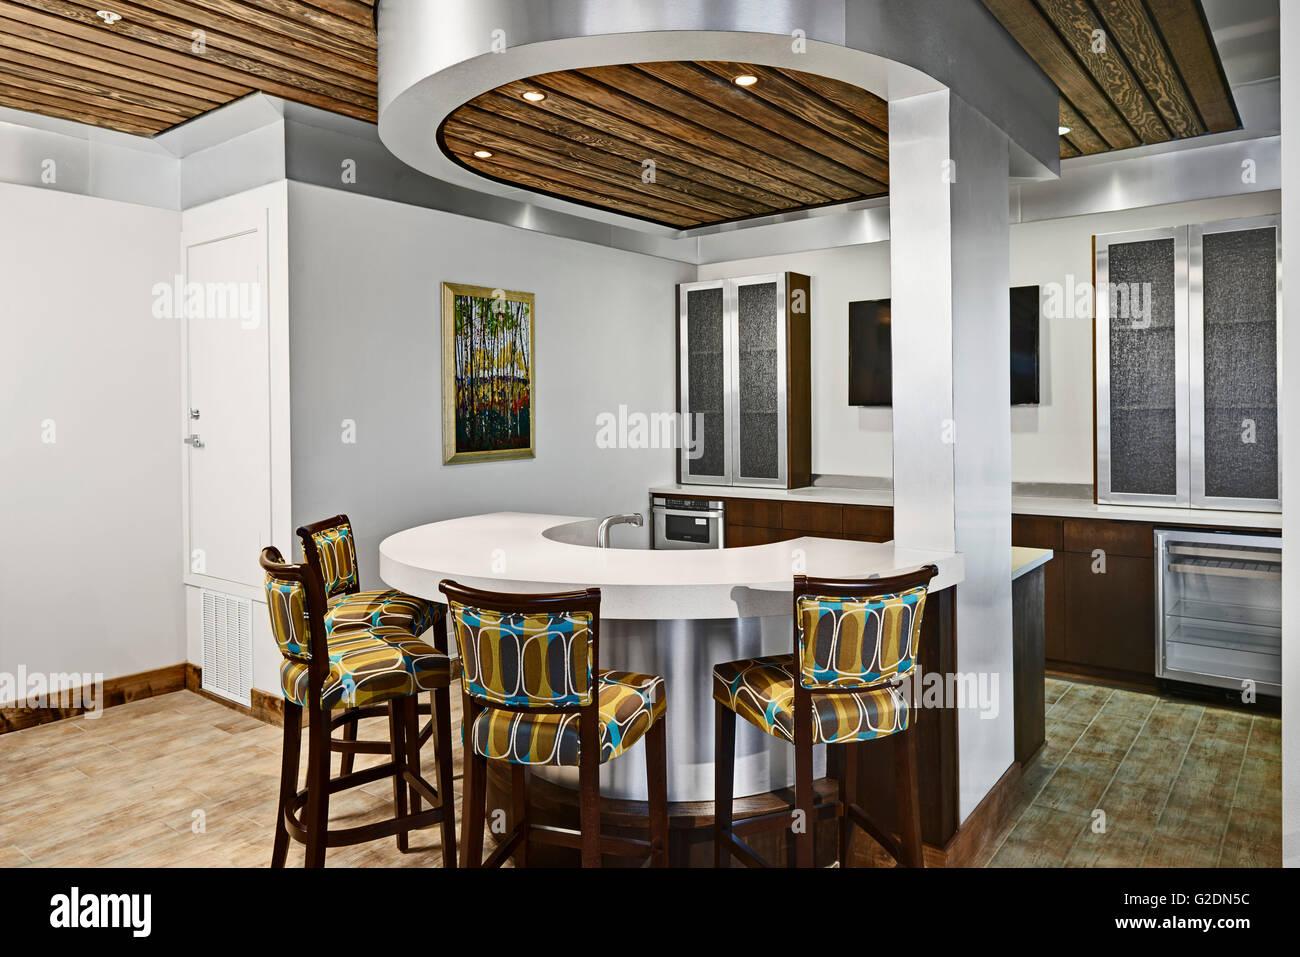 Cucina moderna con contatore circolare e colorato sgabelli